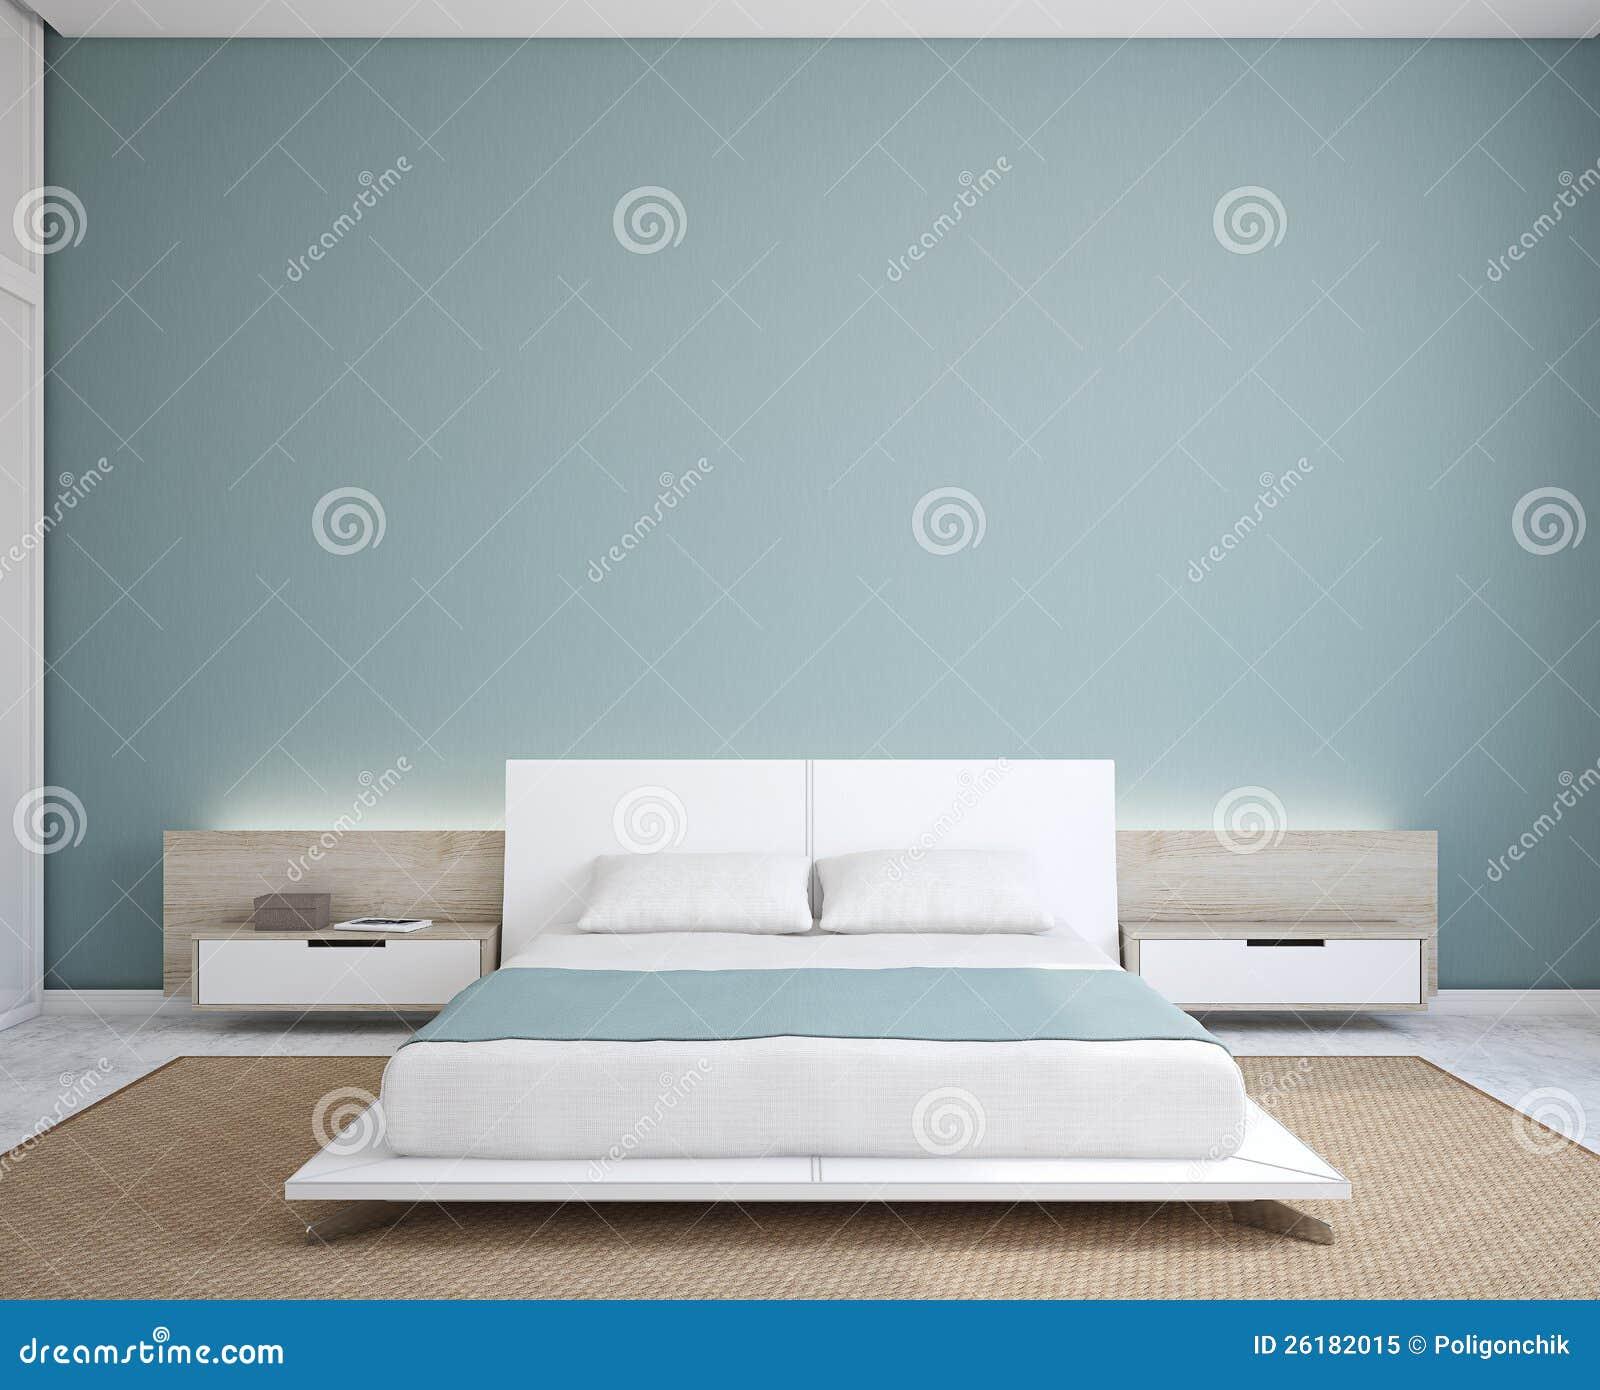 Самомоднейший интерьер спальни.